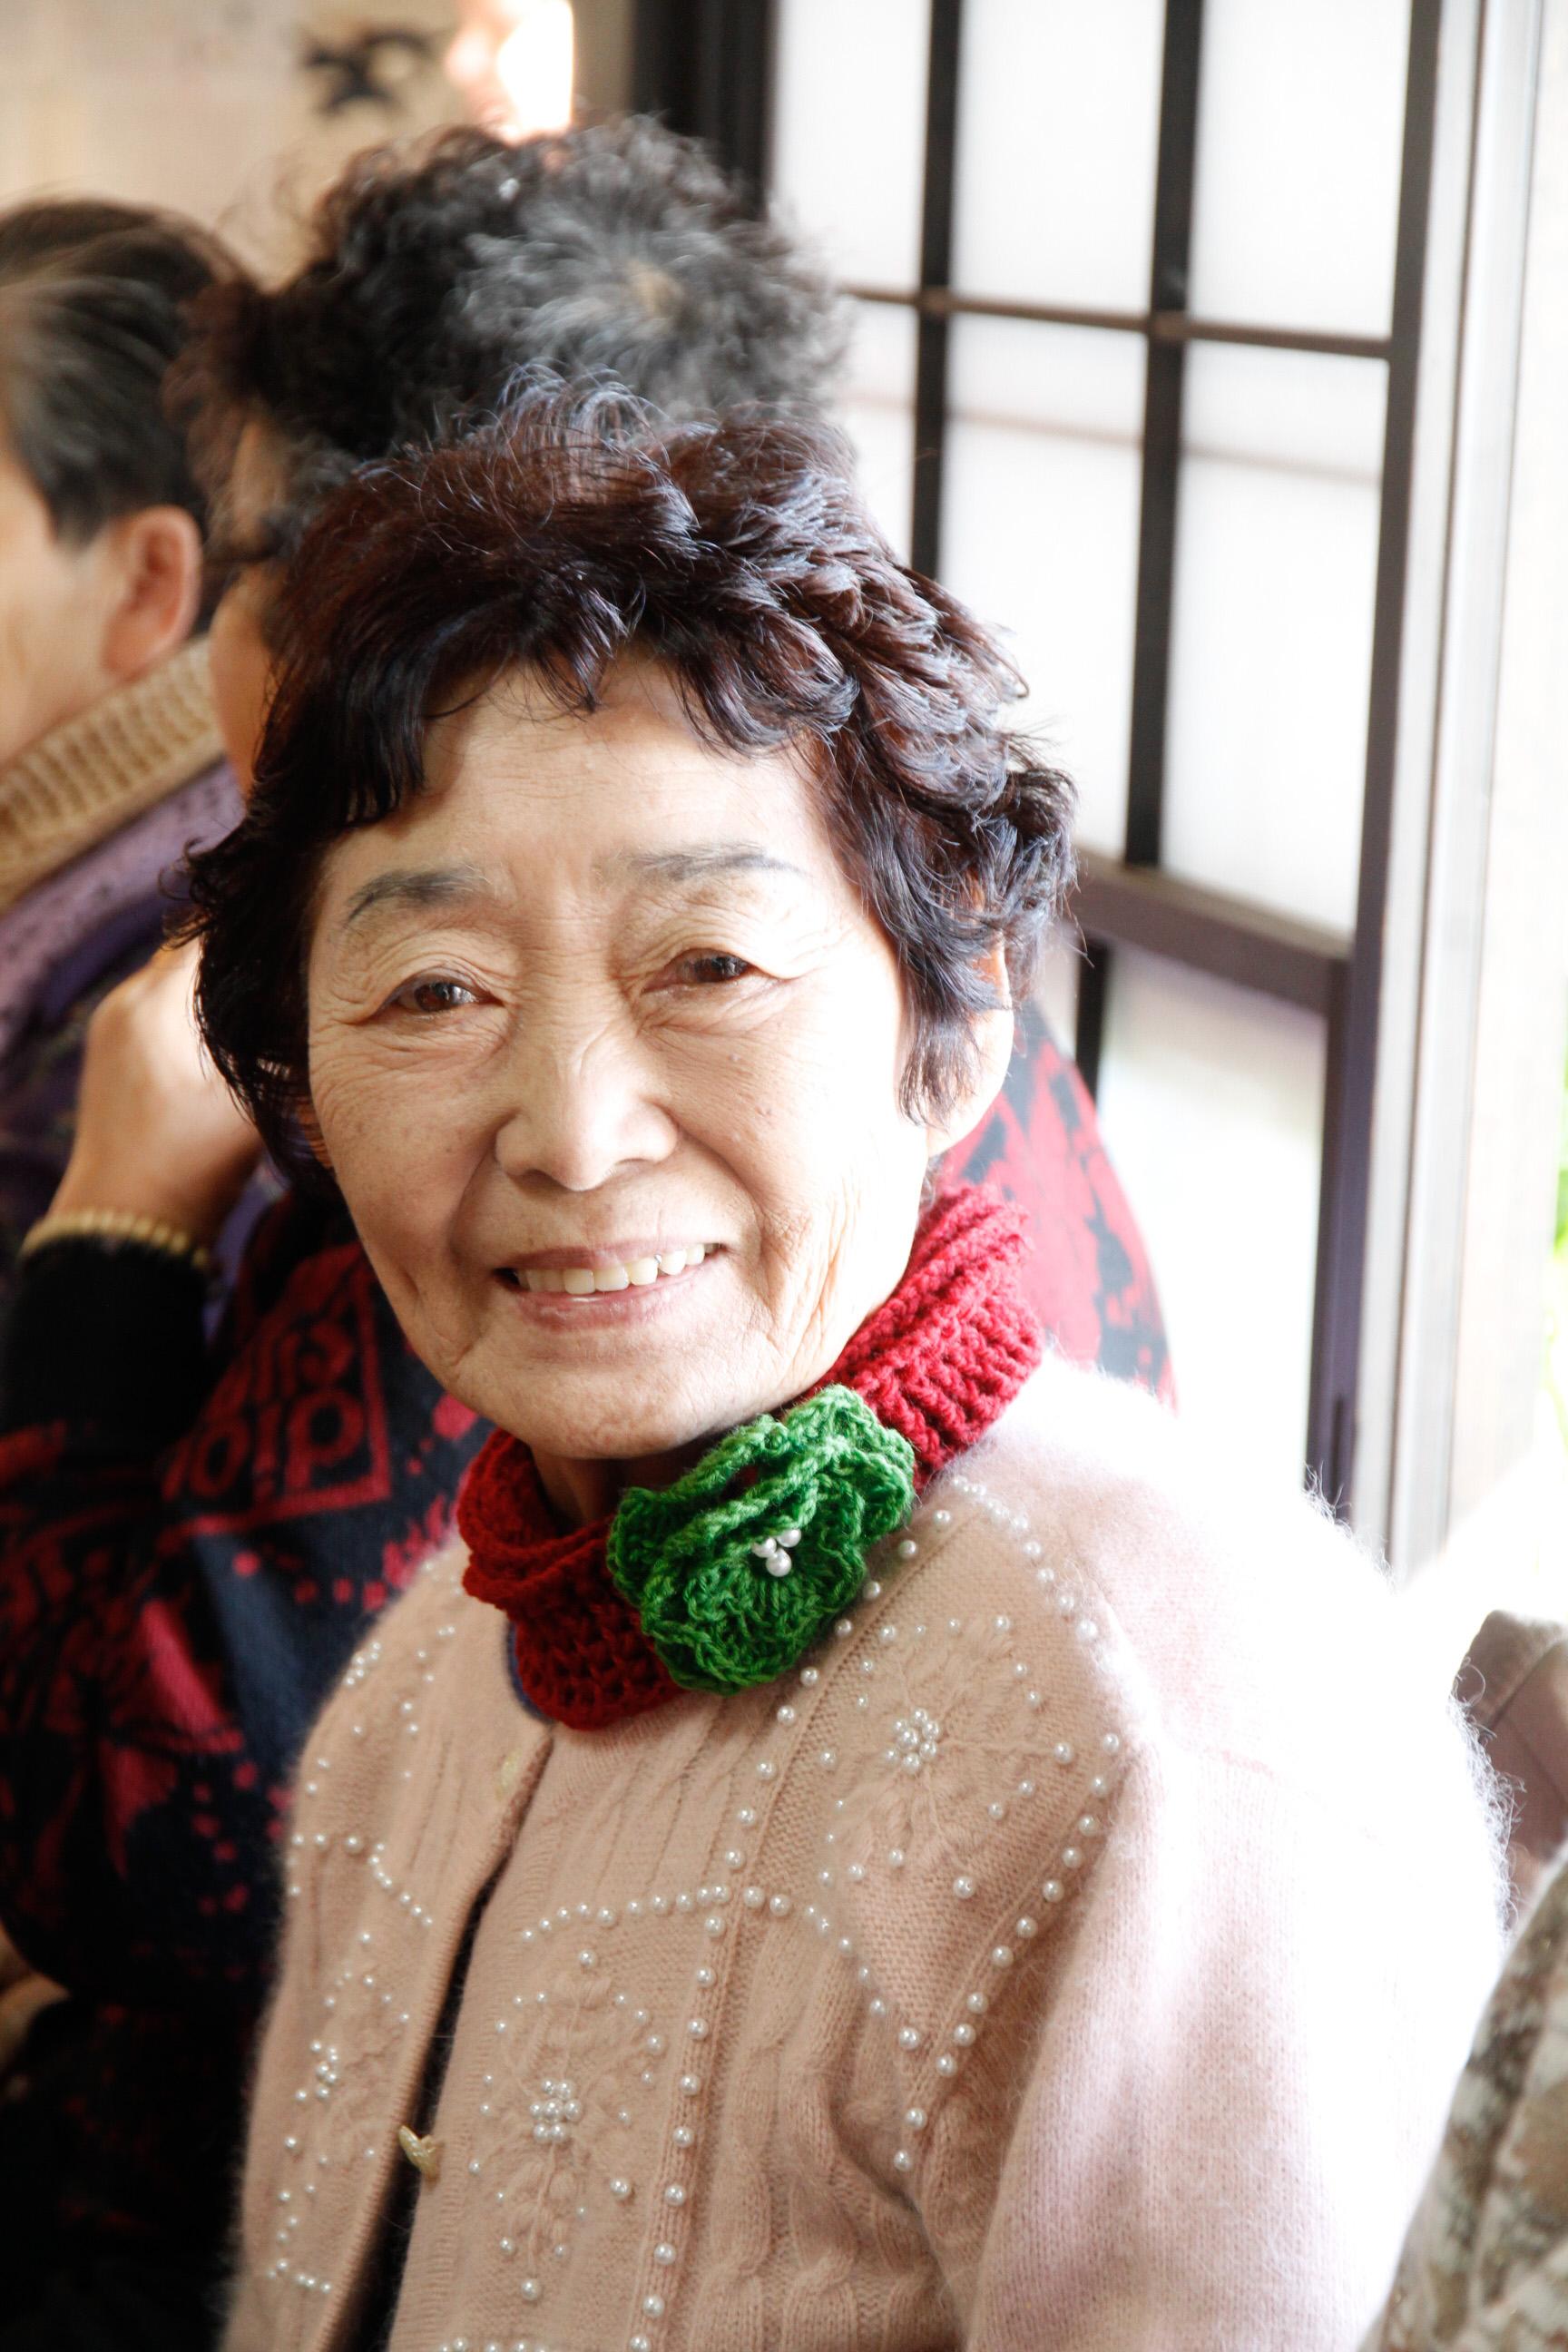 一人に一つずつヘアバンドとネクタイ Each lady received a Christmas headscarf/neck tie